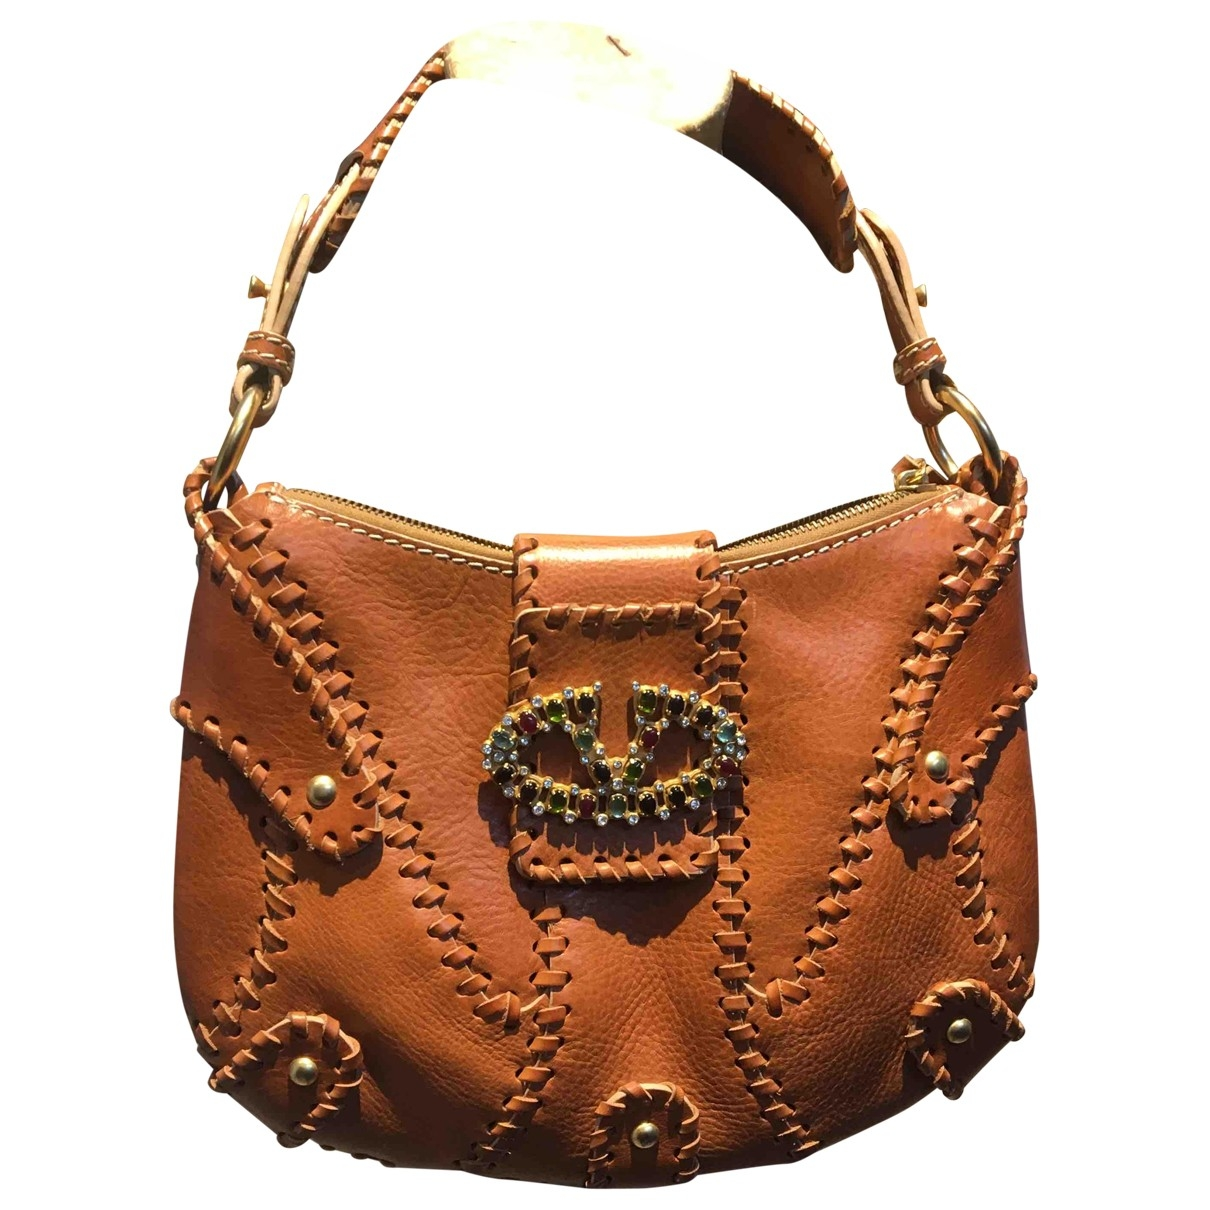 Valentino Garavani \N Handtasche in  Braun Leder